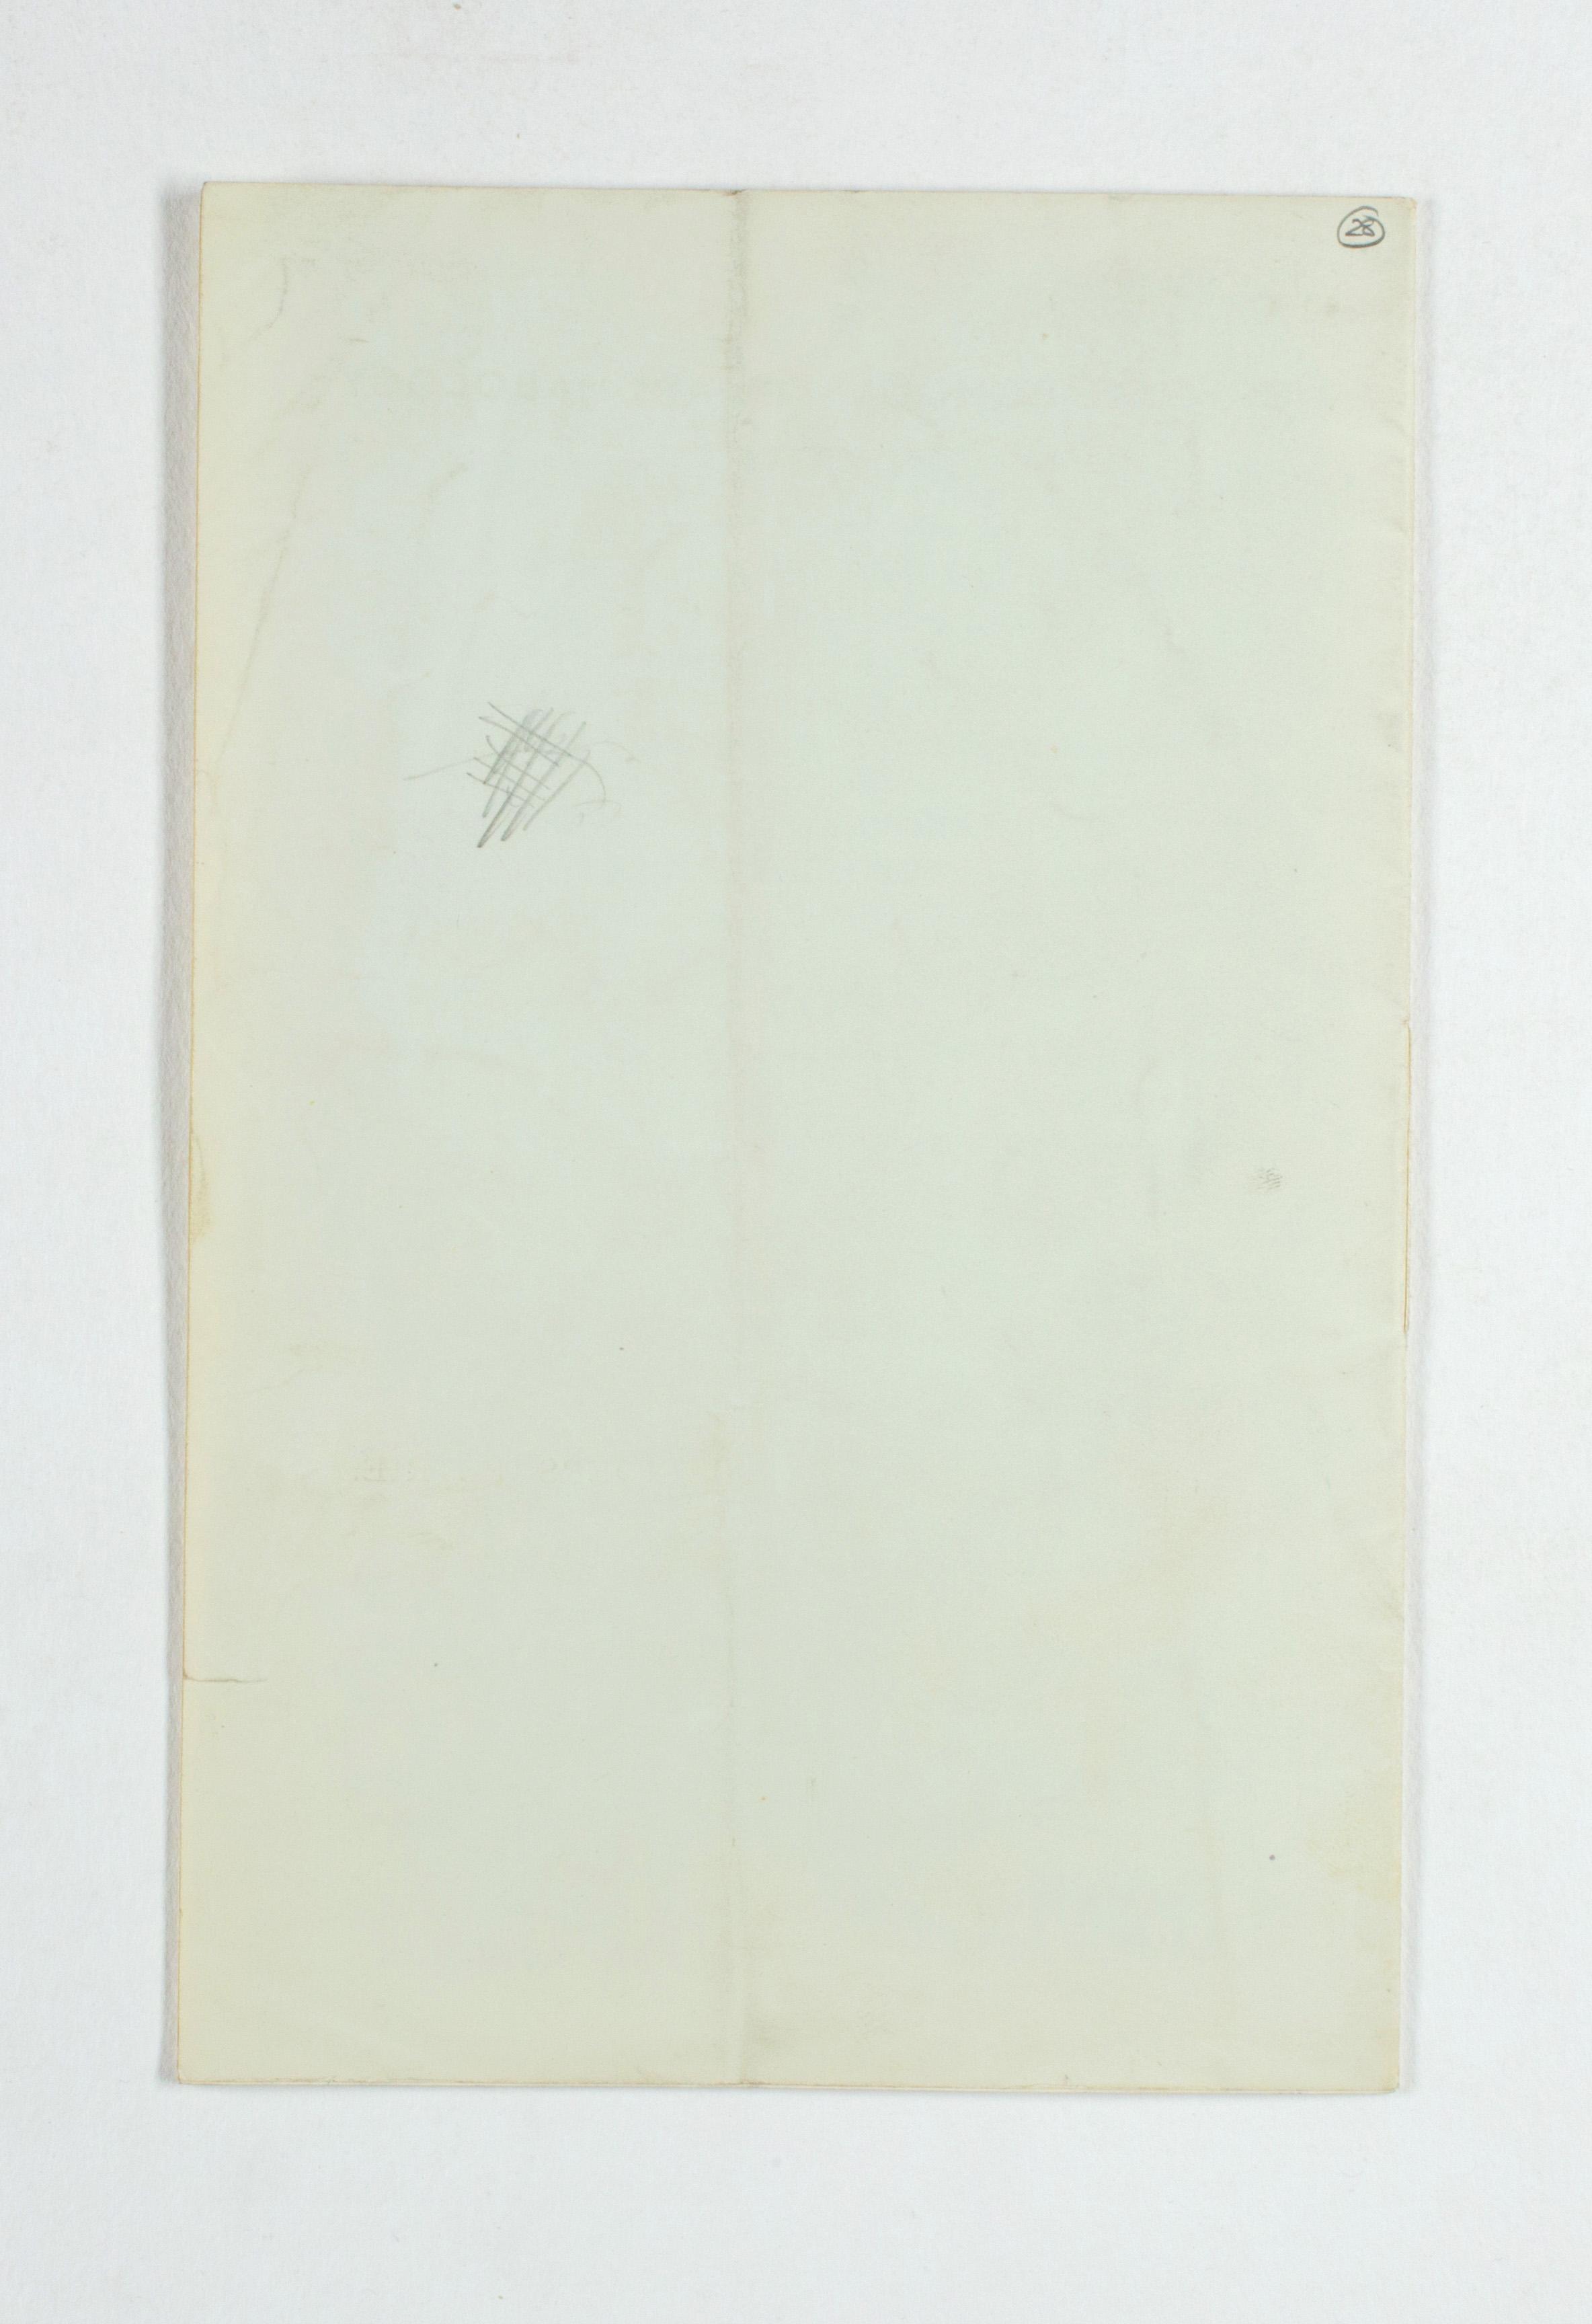 1923-24 Qau el-Kebir, Hemamieh Exhibition catalogue PMA/WFP1/D/27/28.9